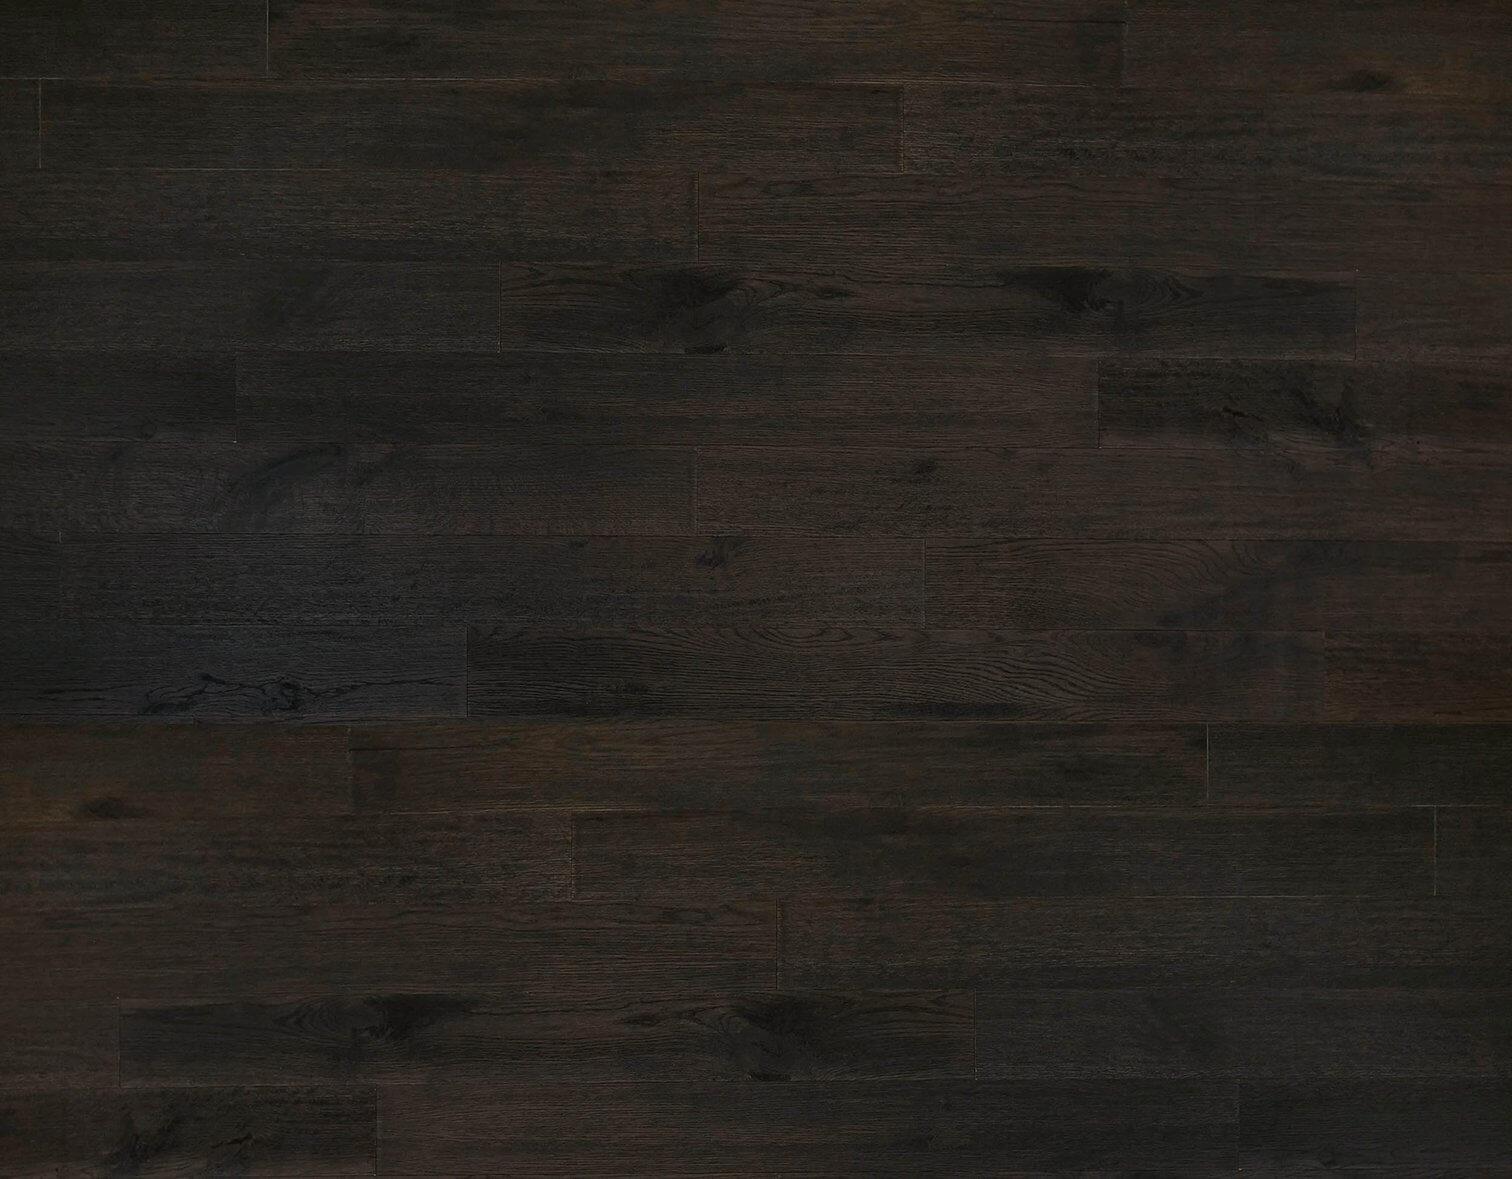 Charcoal Originals Hardwood Plank | Wallplanks